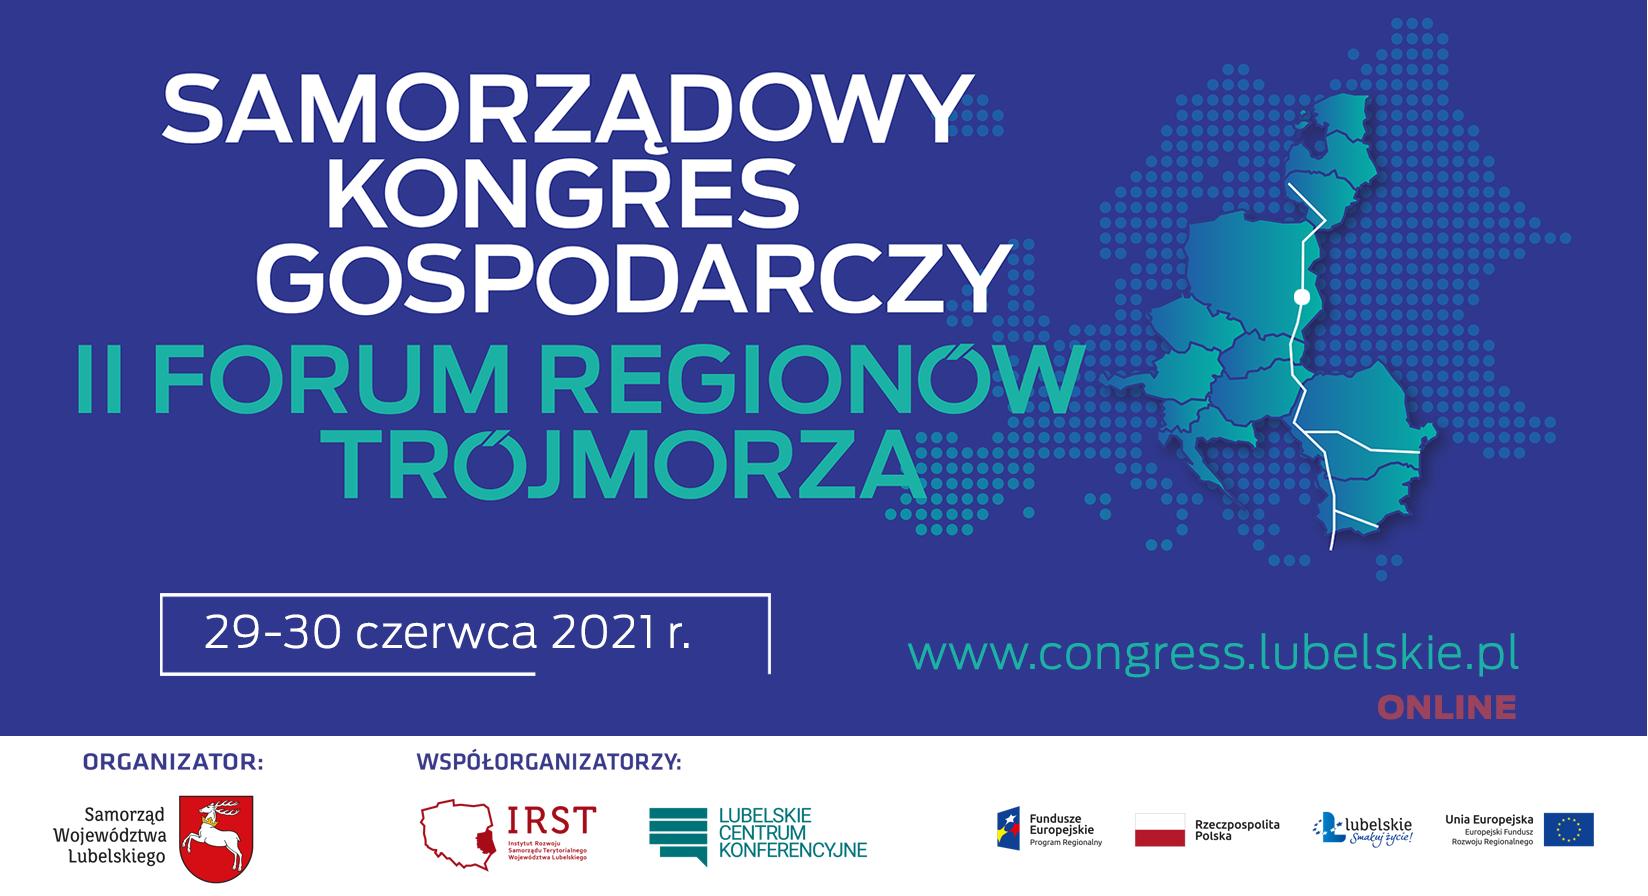 NOWY TERMIN 29-30 czerwca 2021 r. Samorządowego Kongresu Gospodarczego II Forum Regionów Trójmorza